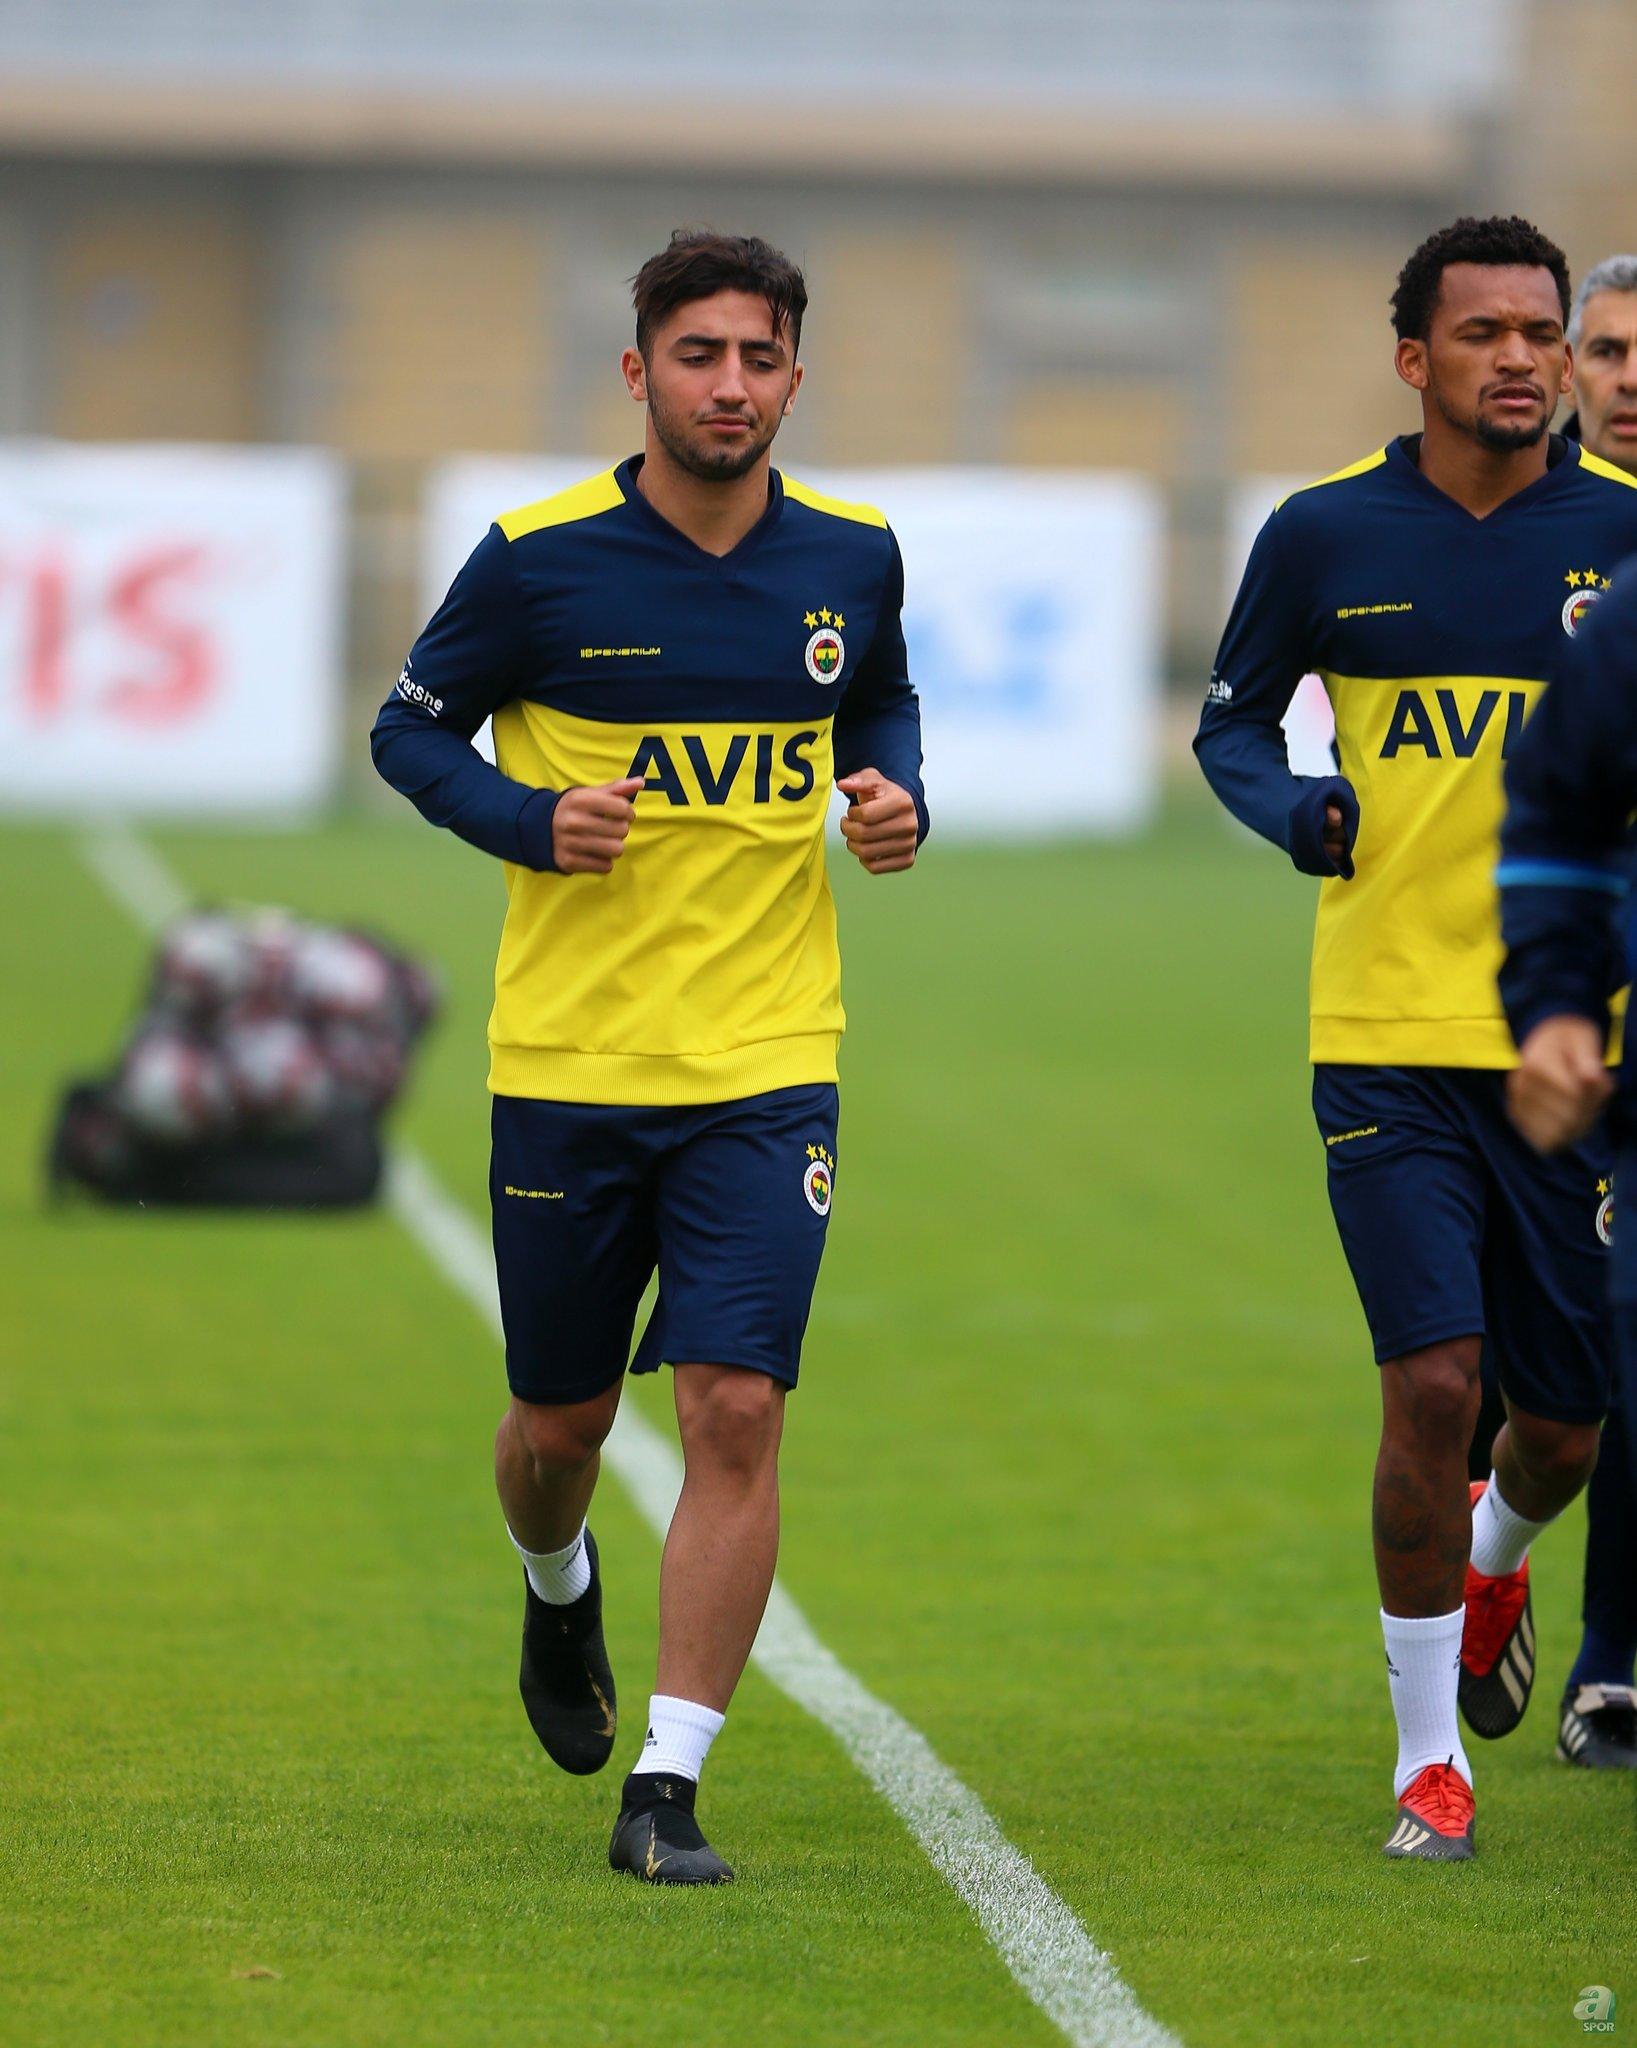 Zorya'da, ligde 13 maçta 4 gol atıp 2 de asist üretti.